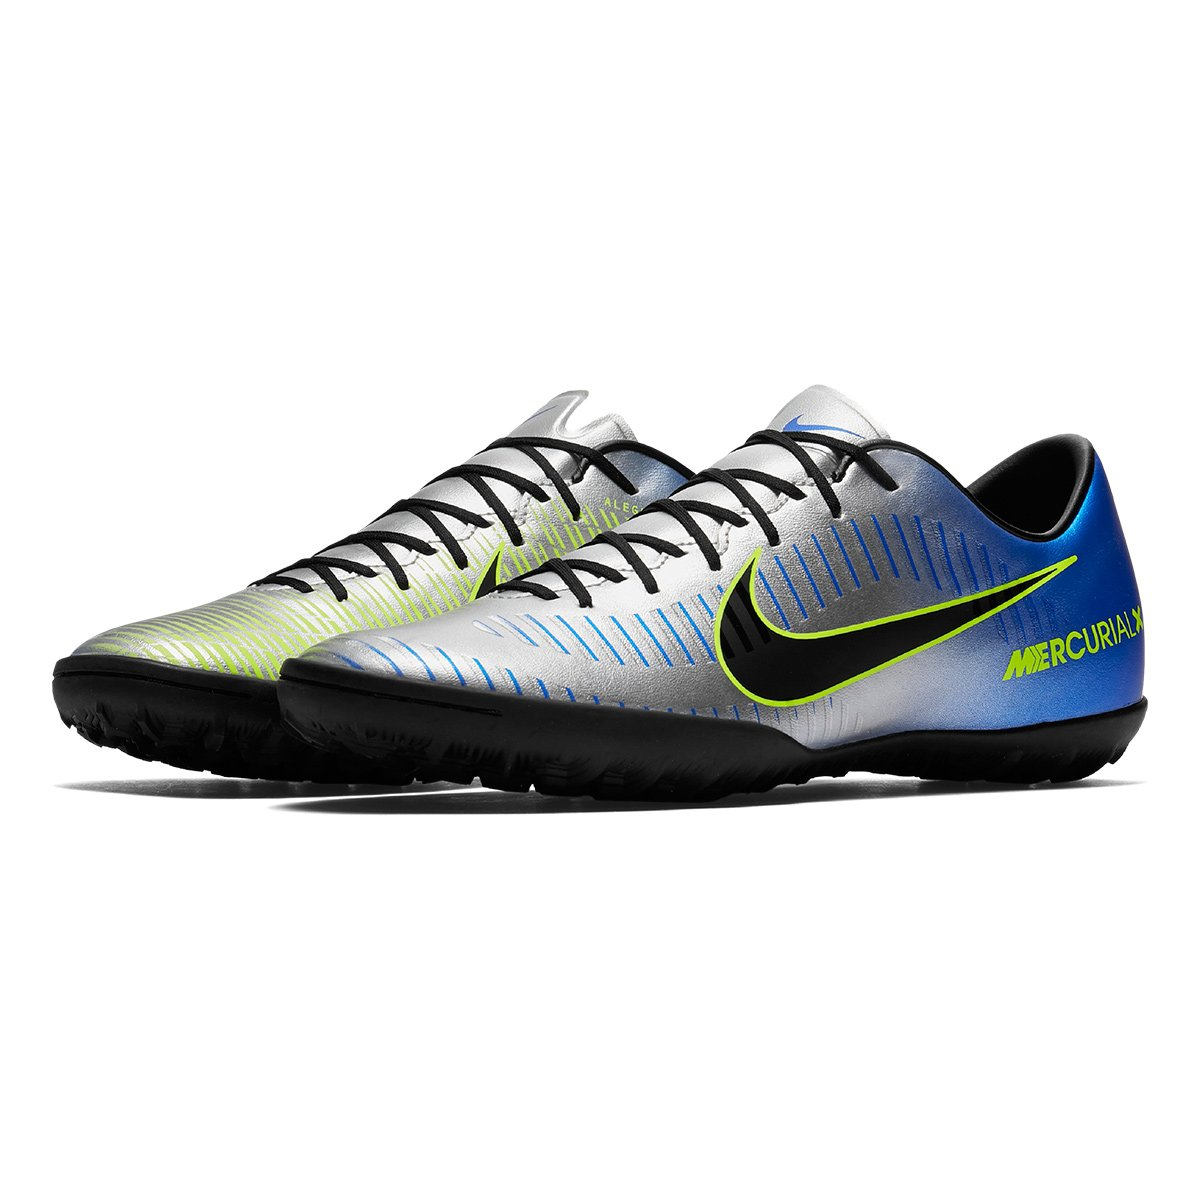 ... Azul Chuteira e Masculina Jr Preto Neymar Mercurial 6 Society Nike  Victory TF qF6nzSqrB ... 187b25d273cbb